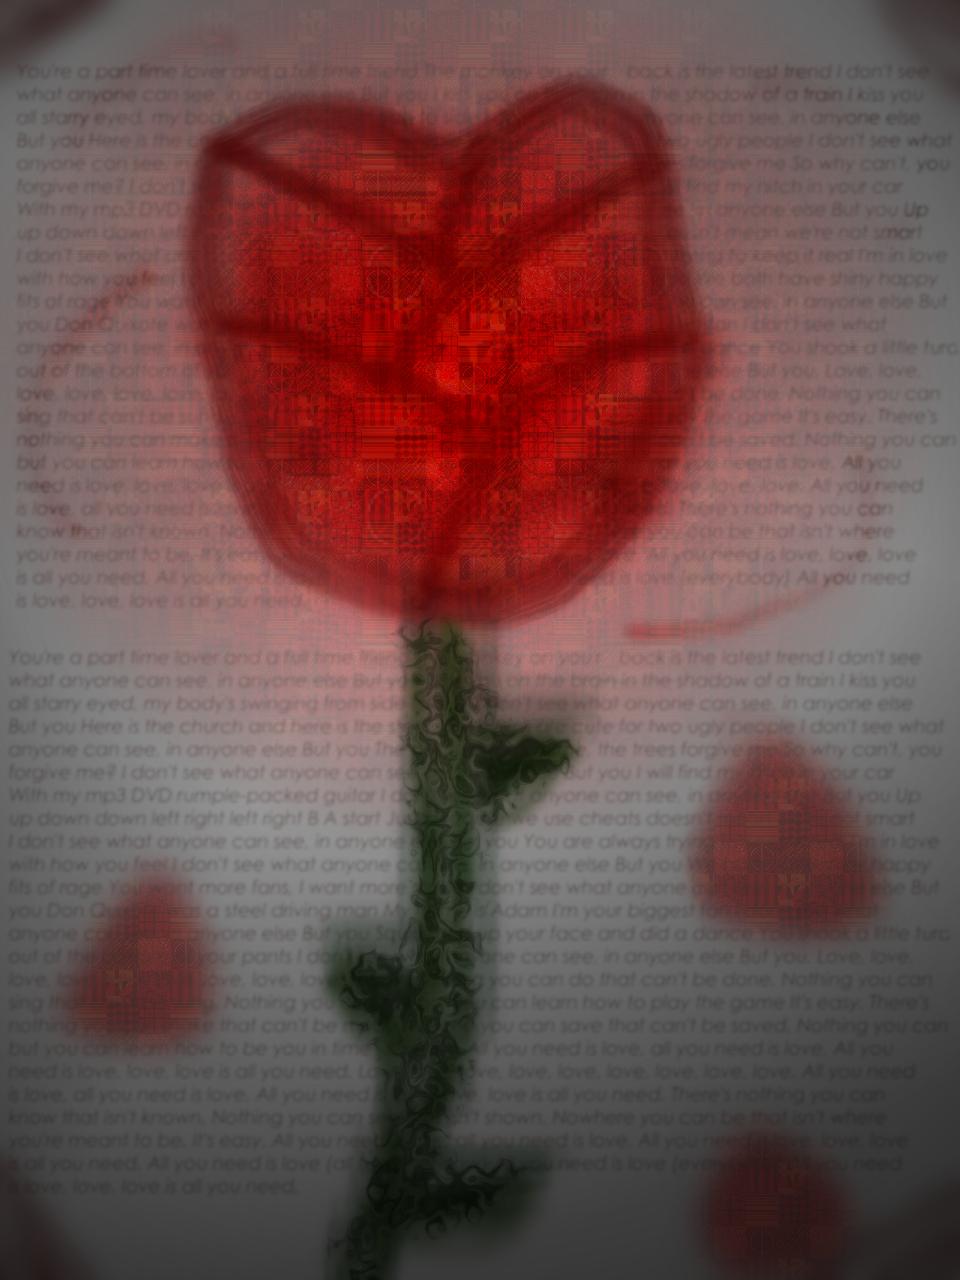 Rose by rabidcentipede